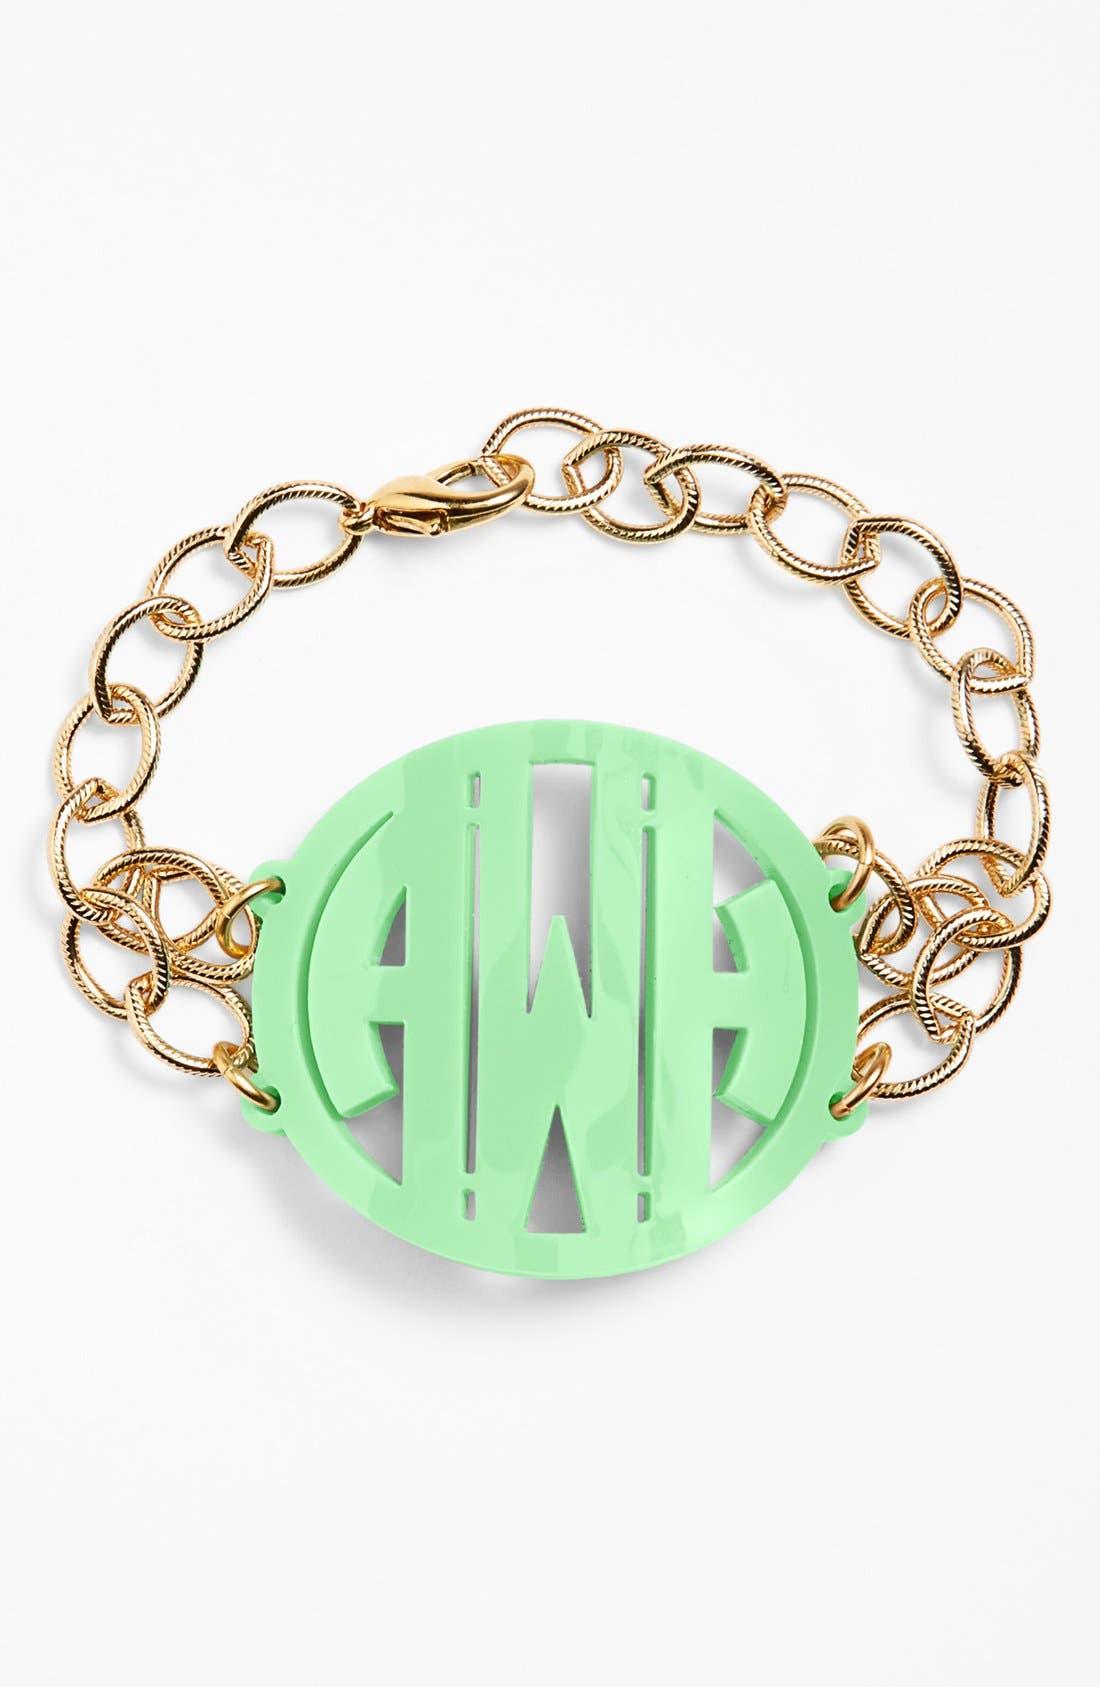 'Annabel' Large Personalized Monogram Bracelet,                             Main thumbnail 1, color,                             MINT/ GOLD